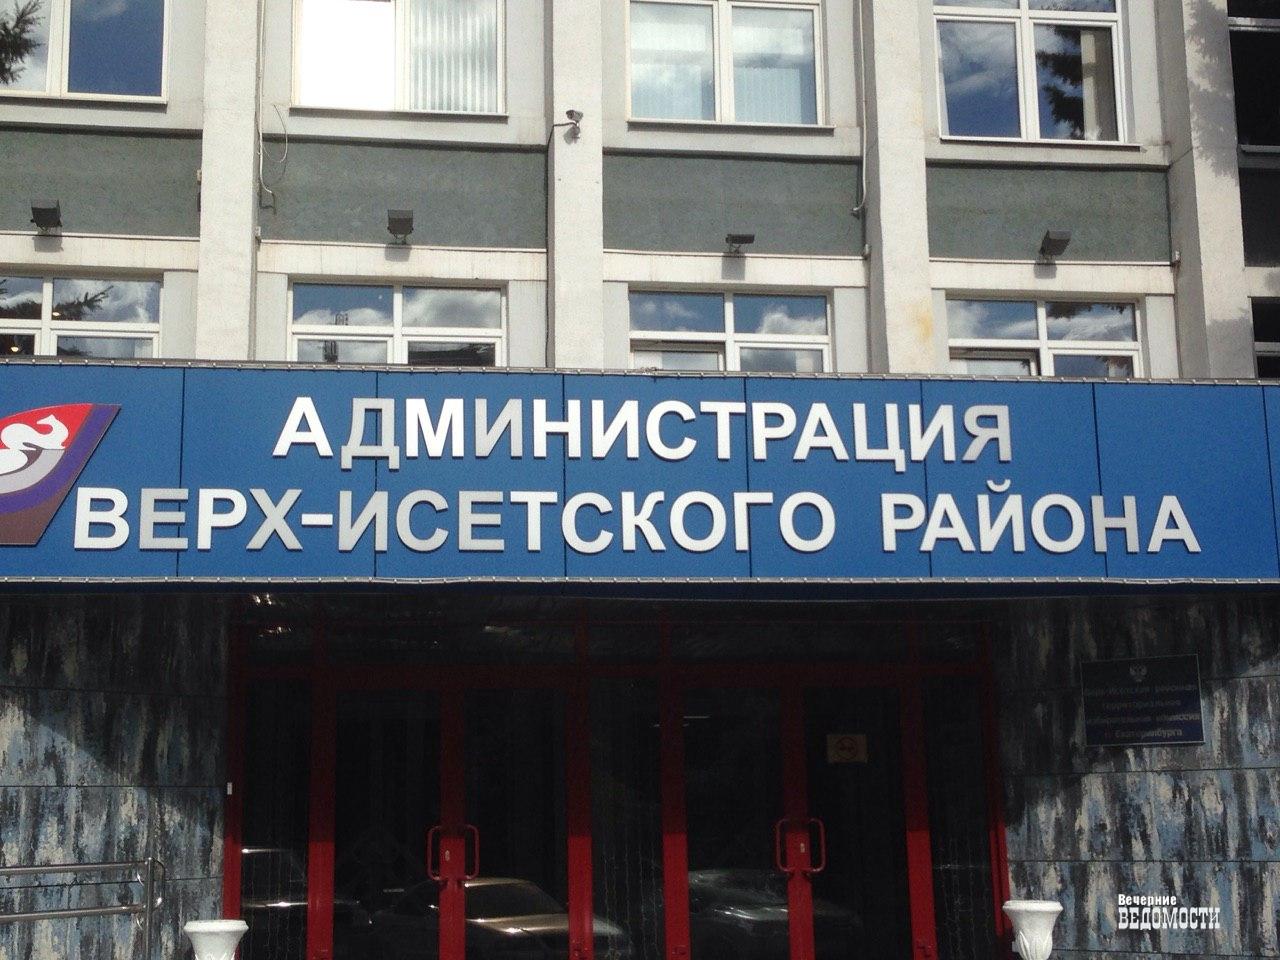 Суд отказался освободить экс-главу Верх-Исетского района, осужденного завзятку